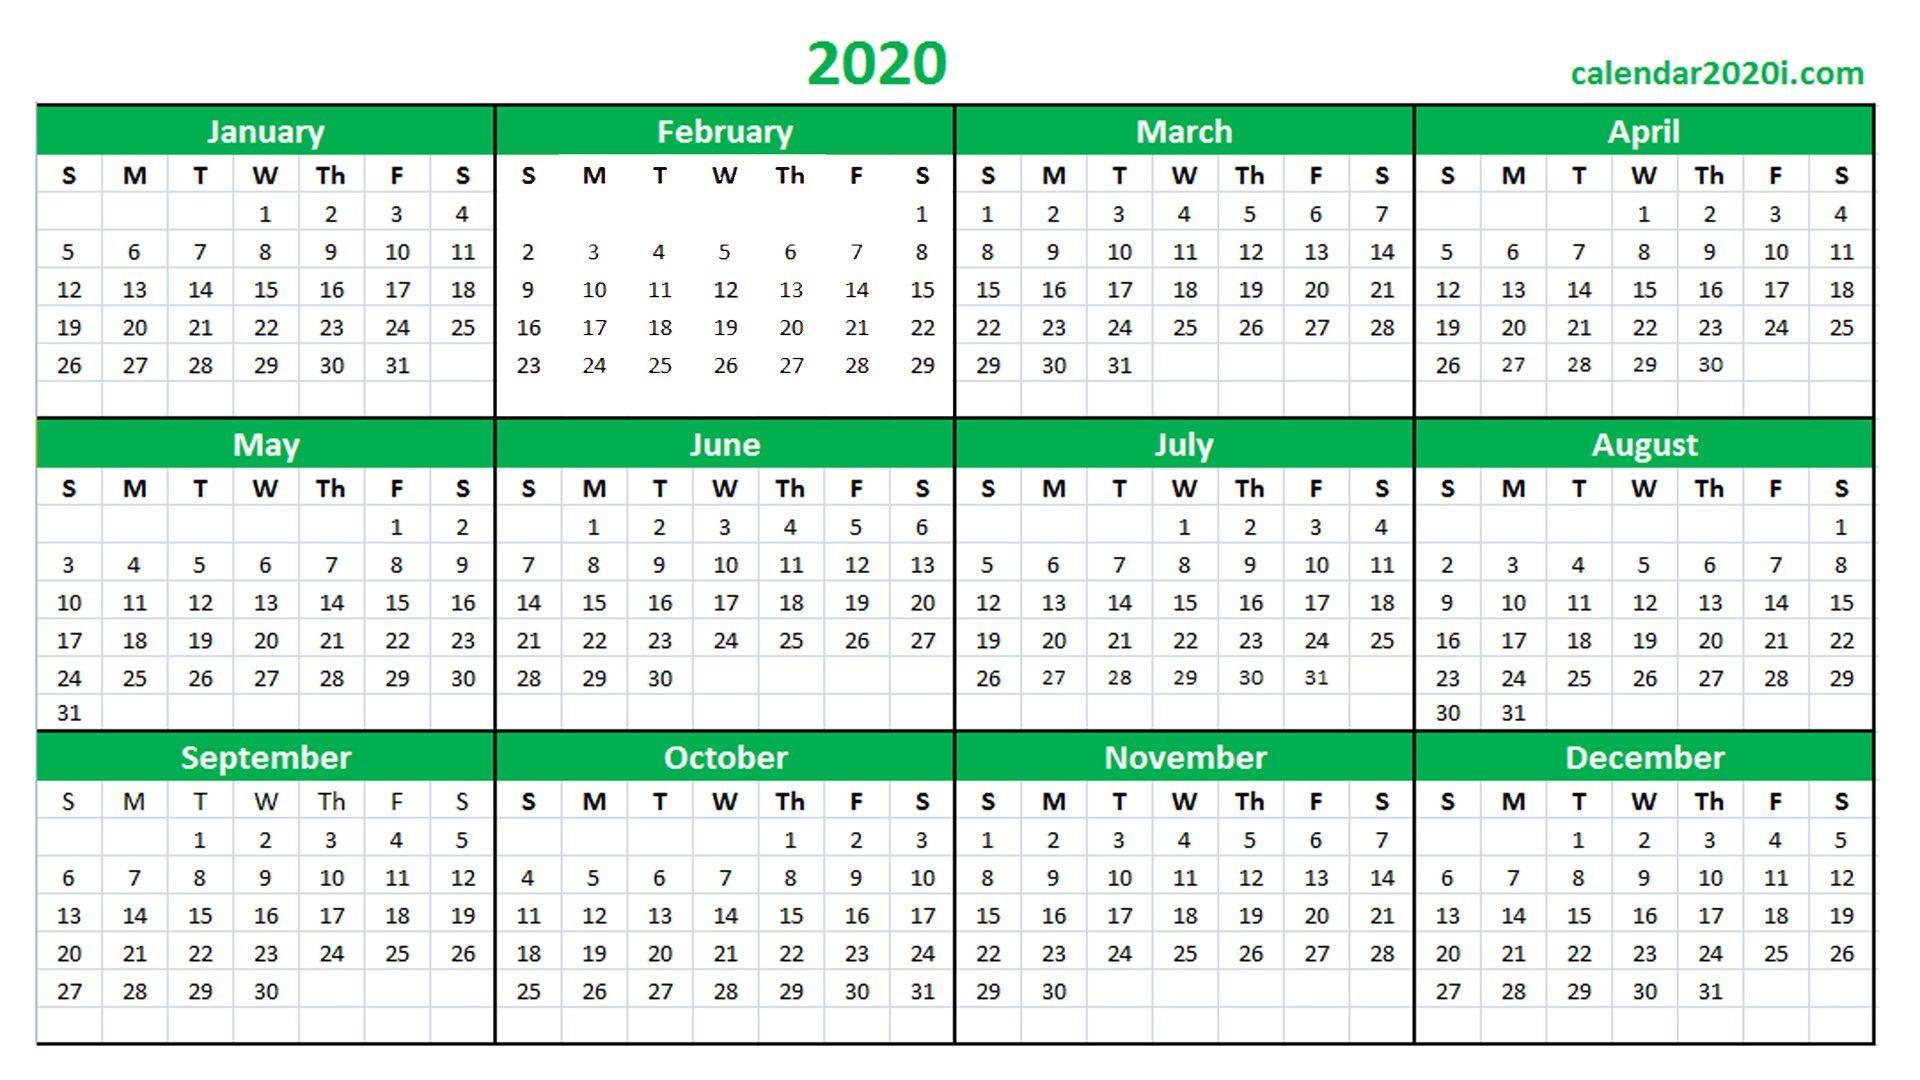 Printable Academic Calendar 2020 16  Bolan.horizonconsulting.co with regard to Berkeley 2020-2020 Calendar